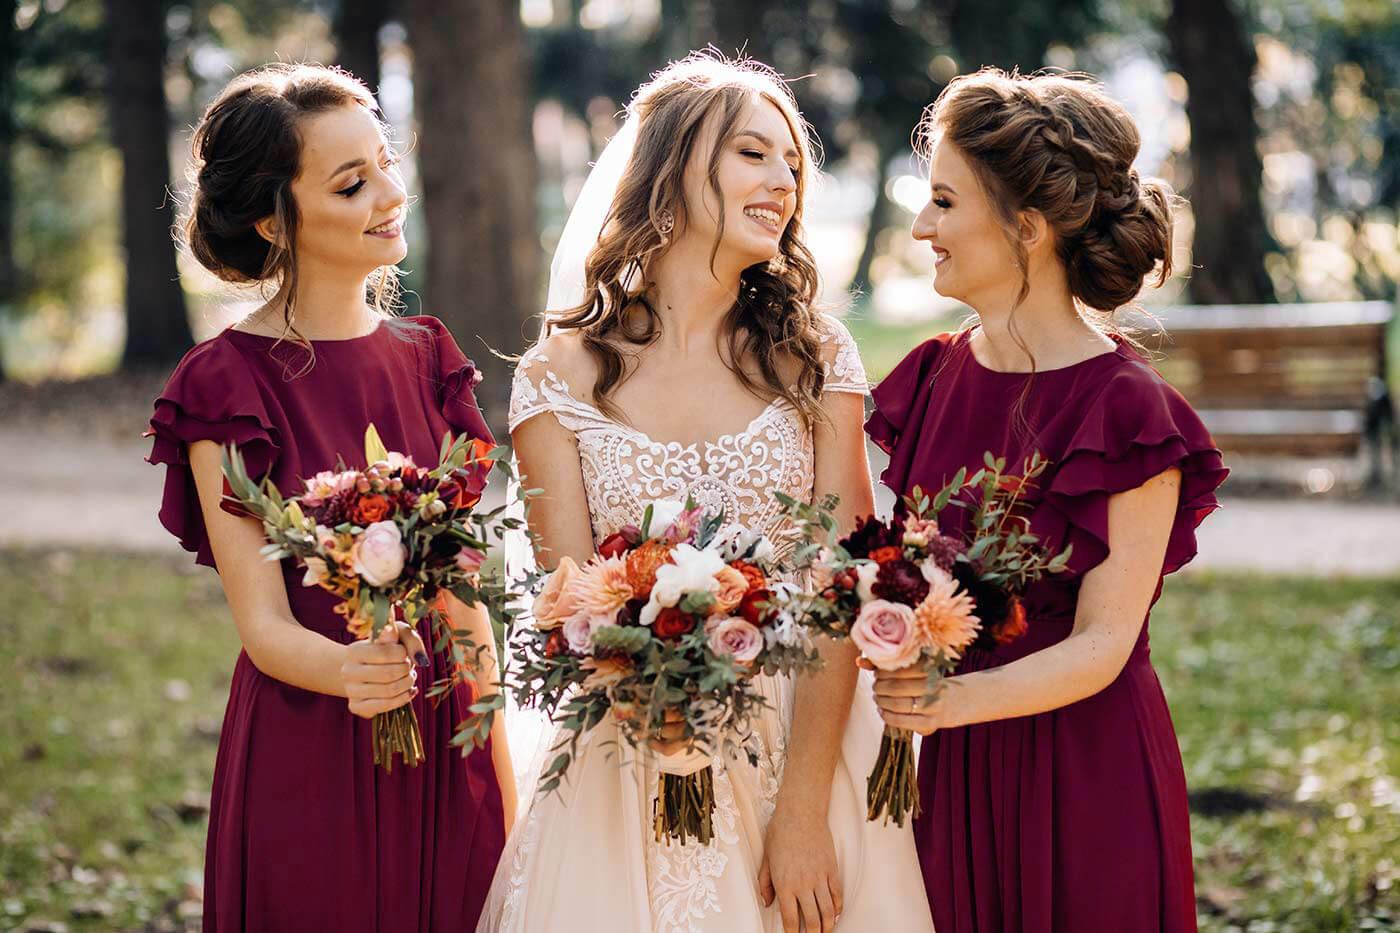 Brautjungfernkleider In Rot – Die Schönsten Kleider Im Überblick